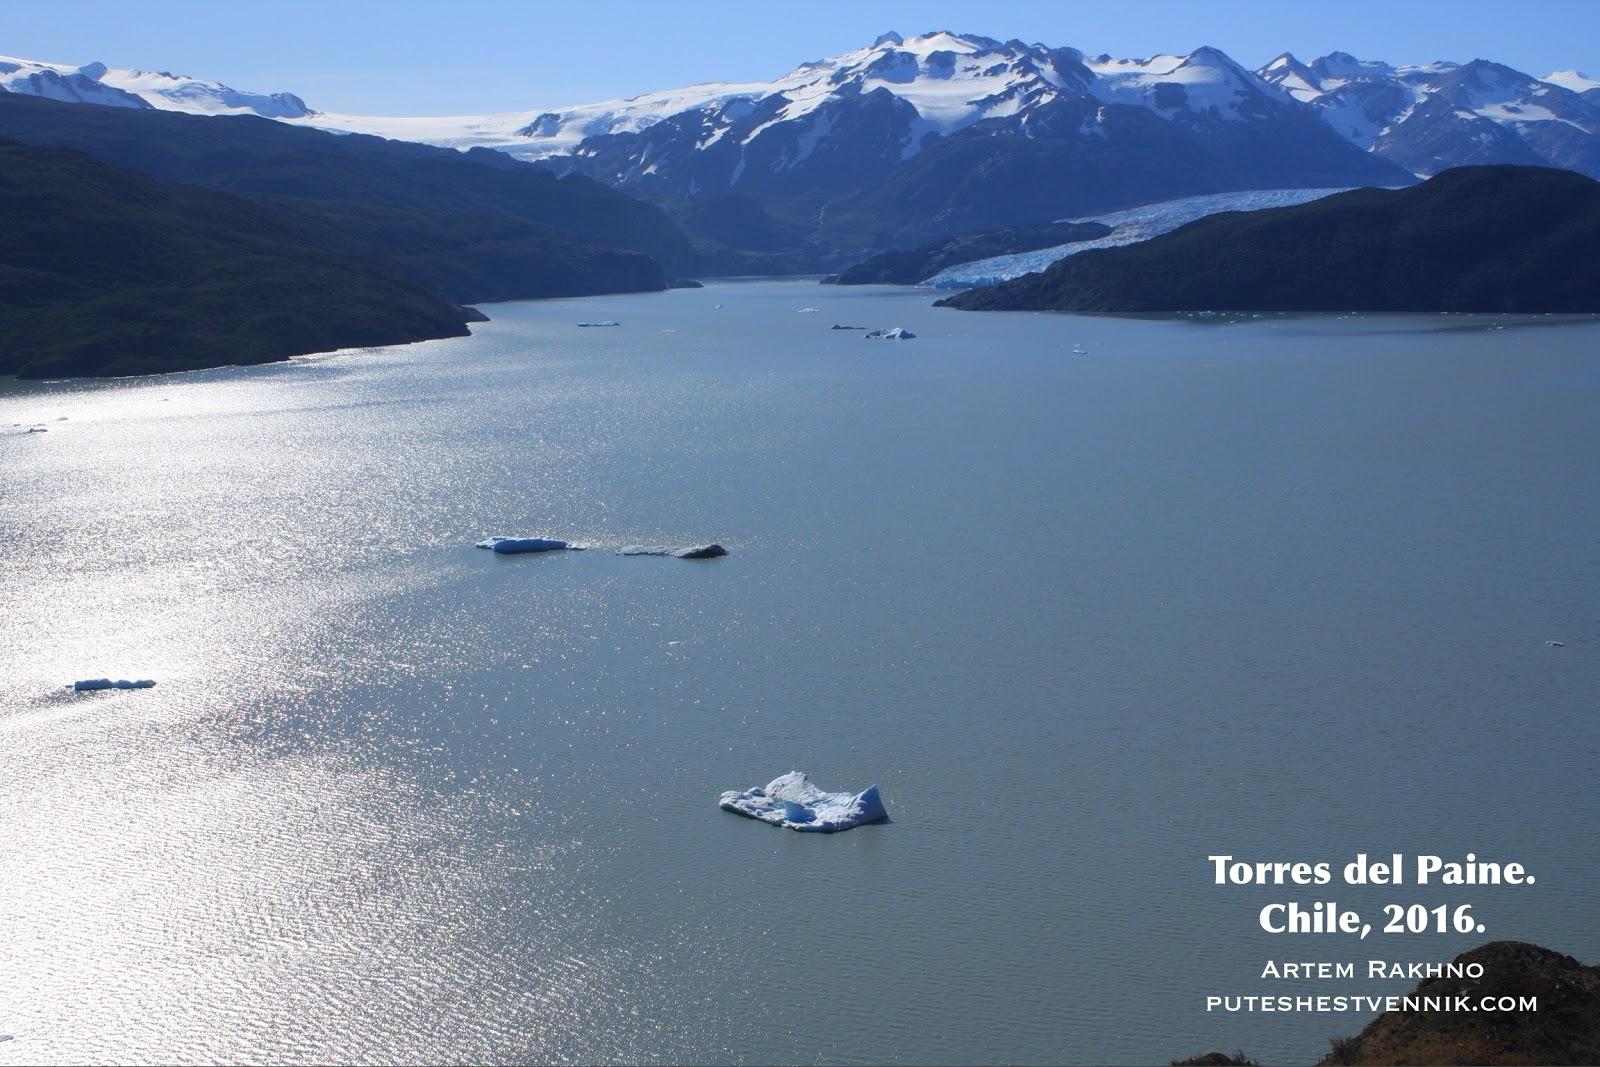 Осколки льда на озере в Торрес-дель-Пайне